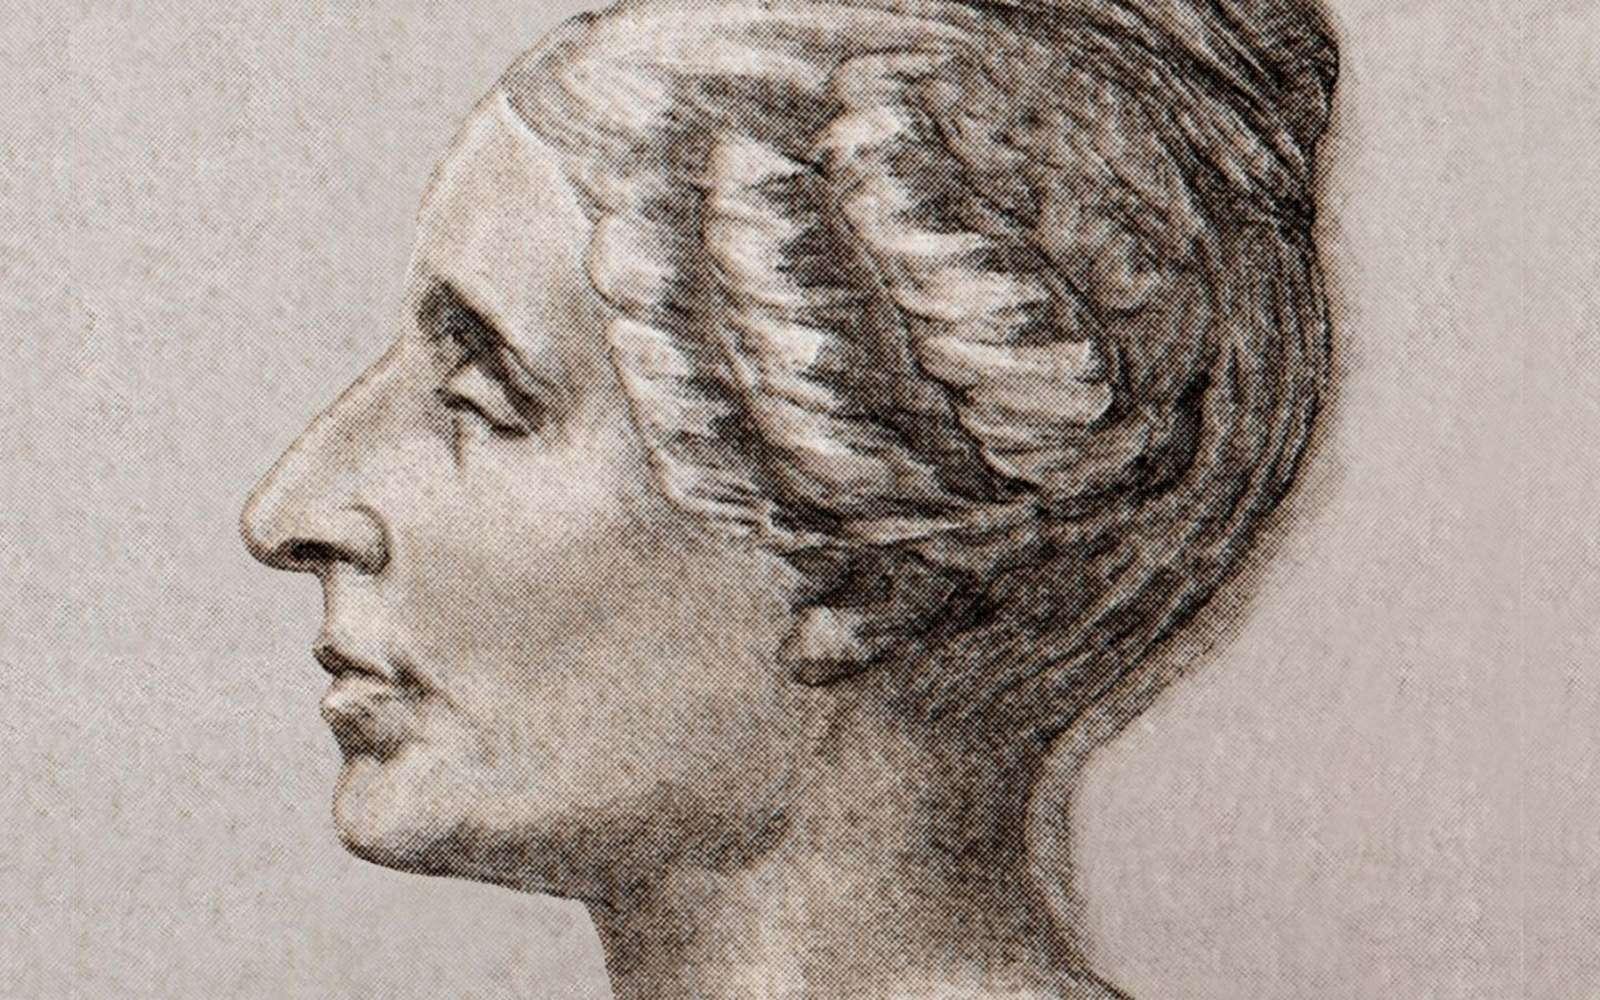 Le portrait de Sophie Germain. © Domaine public